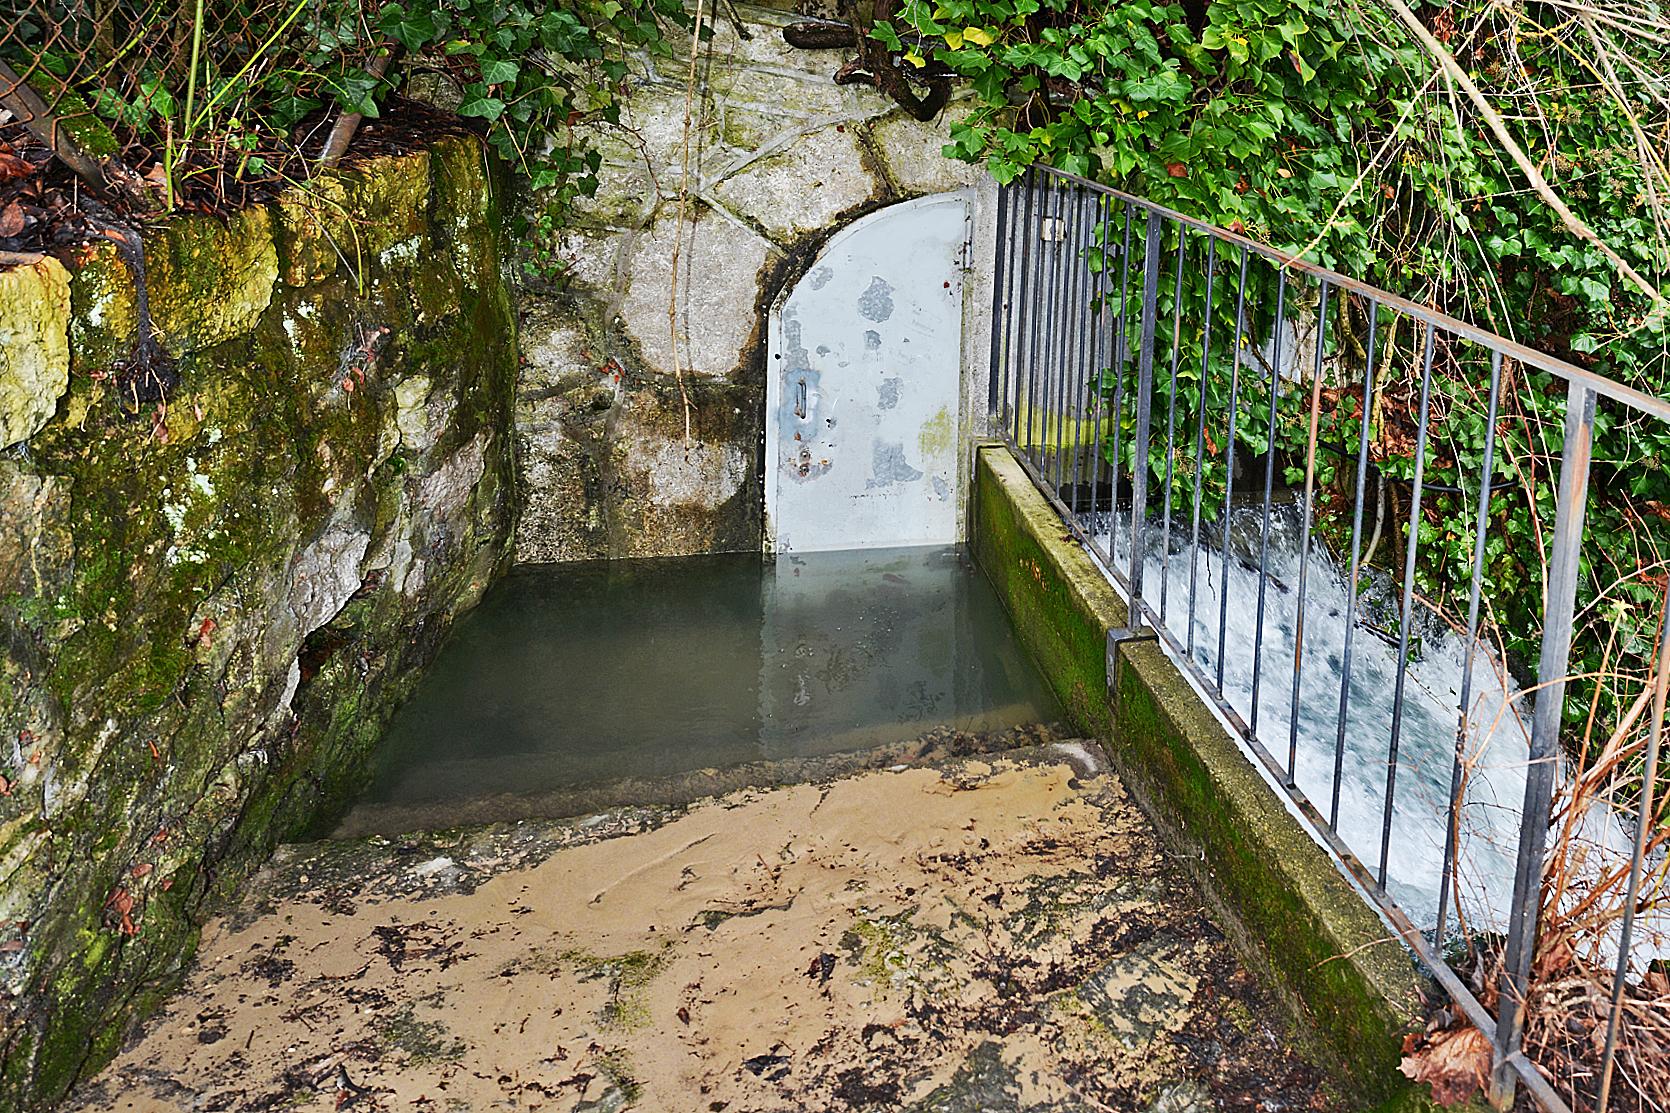 Eingang zur Quellfassung. Die Eingangstüre ist vom Wasser überschwemmt